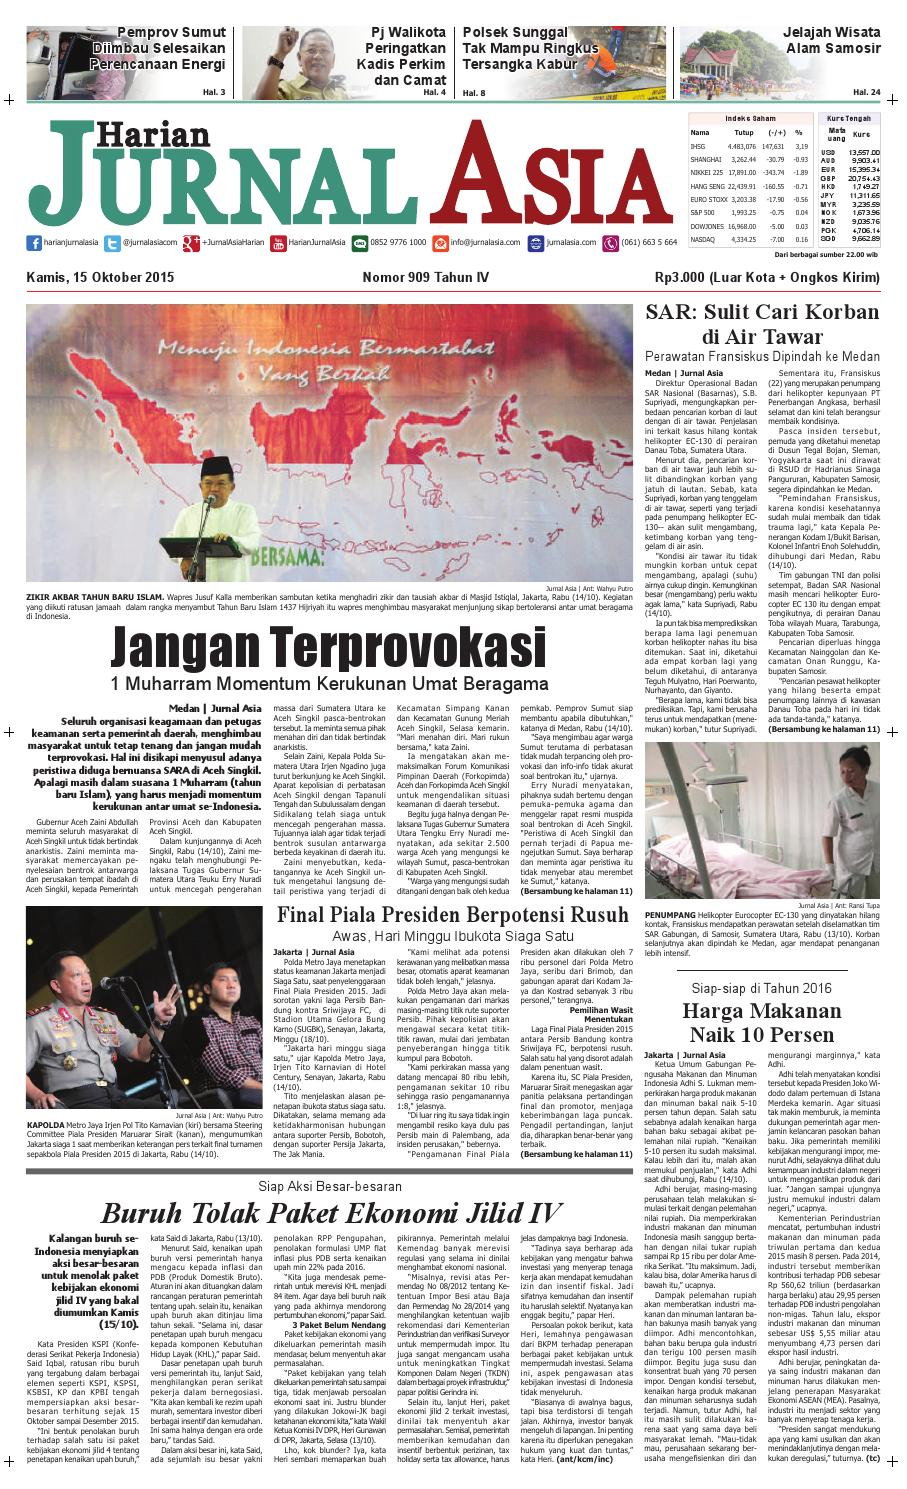 Harian Jurnal Asia Edisi Kamis 15 Oktober 2015 By Loop Ekskul Voucher Map Rp 100000 Medan Issuu